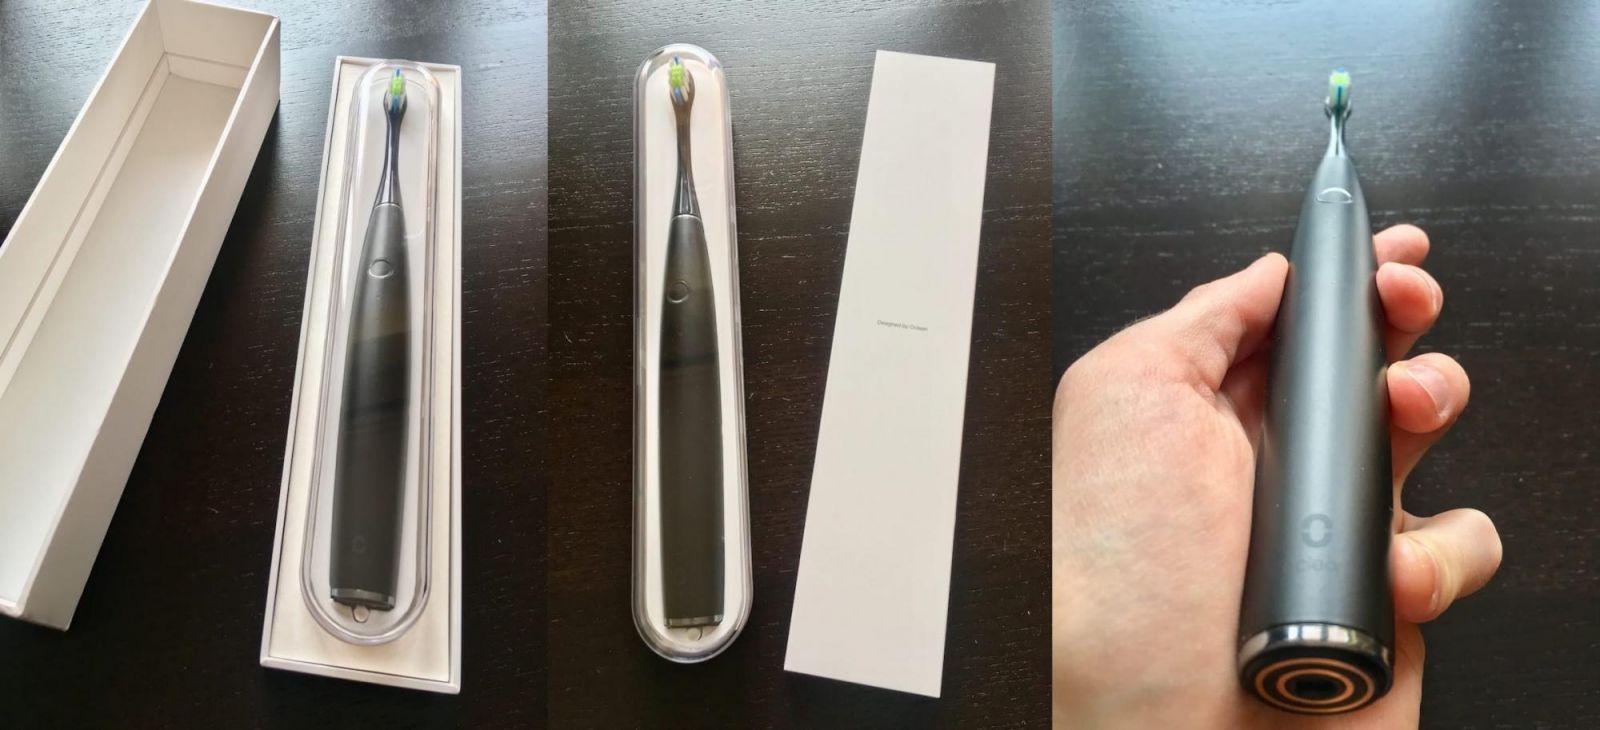 Xiaomi Oclean One